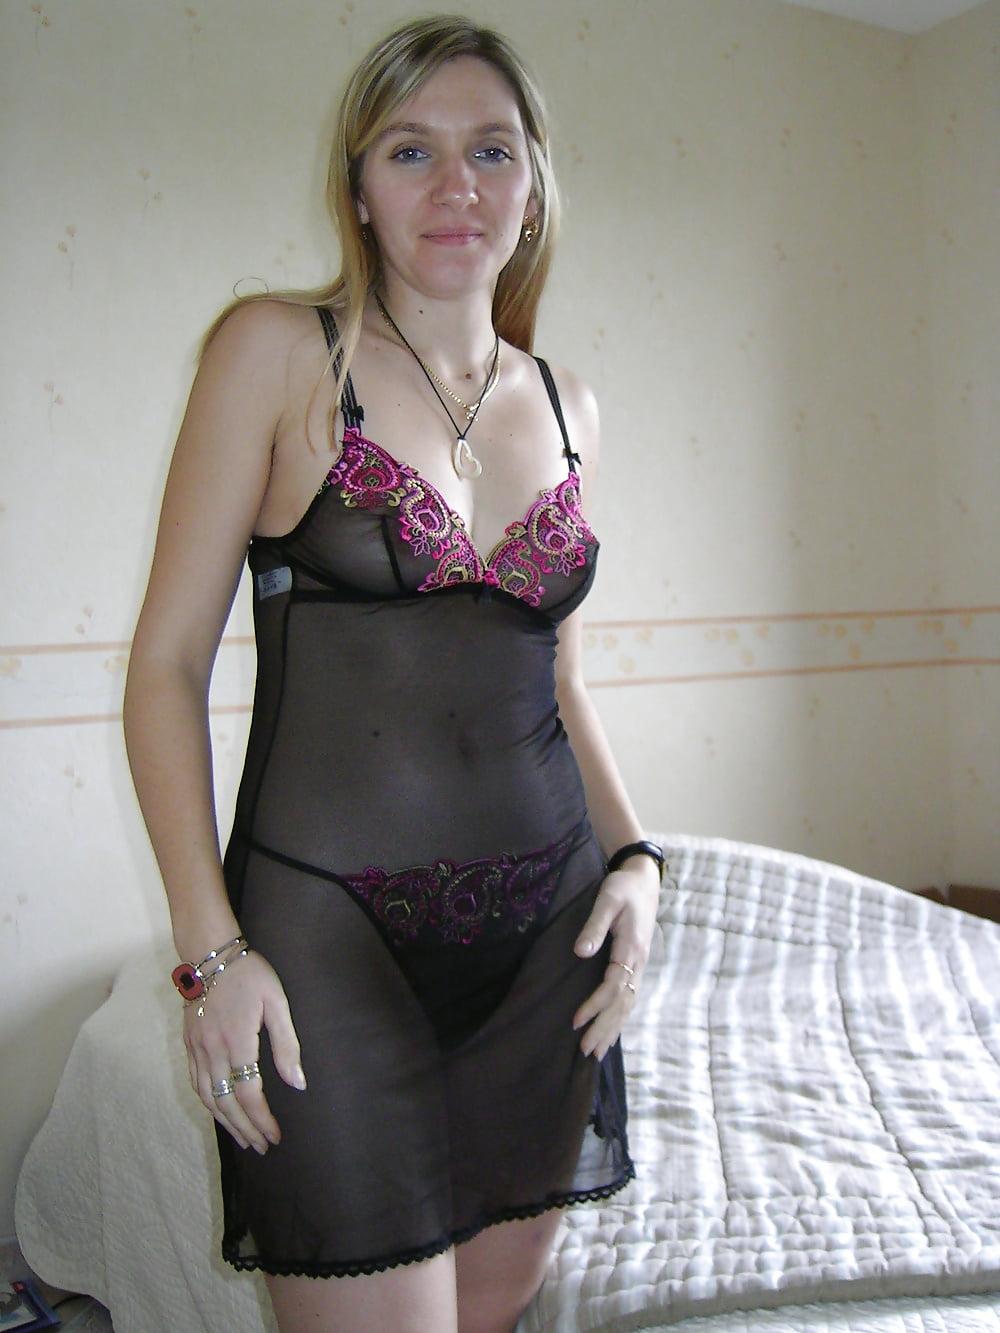 Hot blonde amateur porn